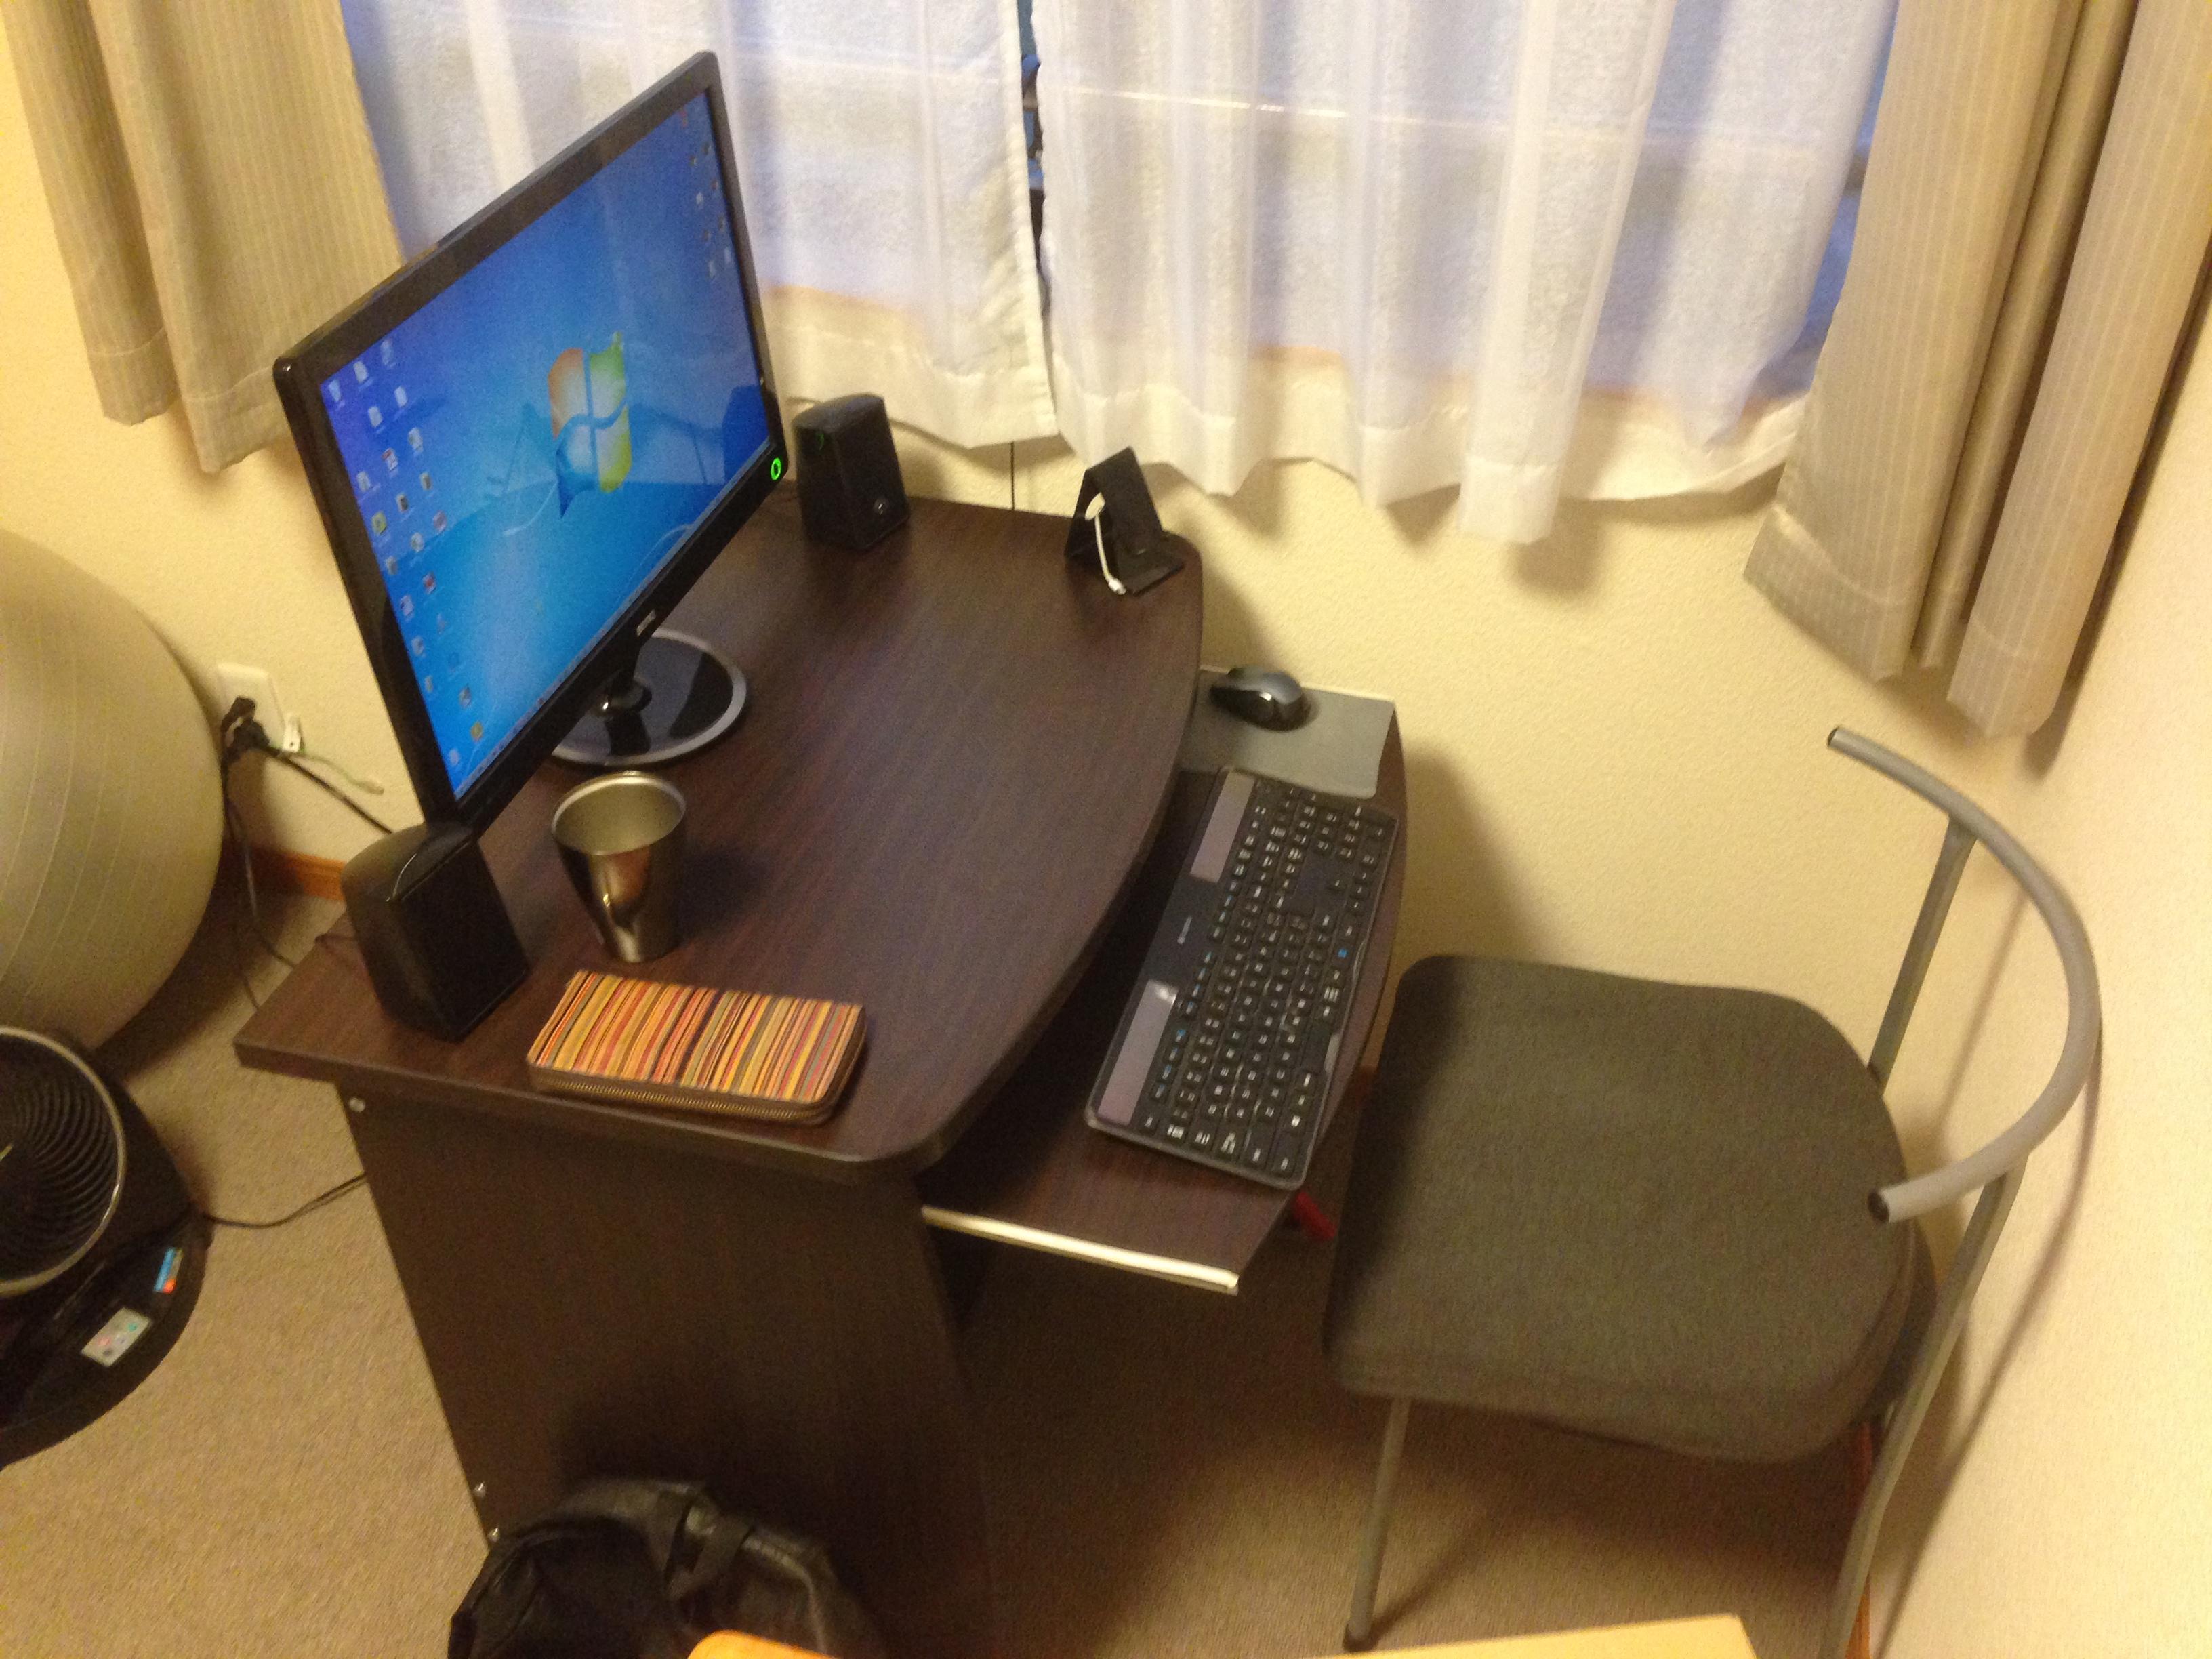 【作業効率化】ニトリで作業机を購入!机の上がスッキリ!整理整頓してみよう!